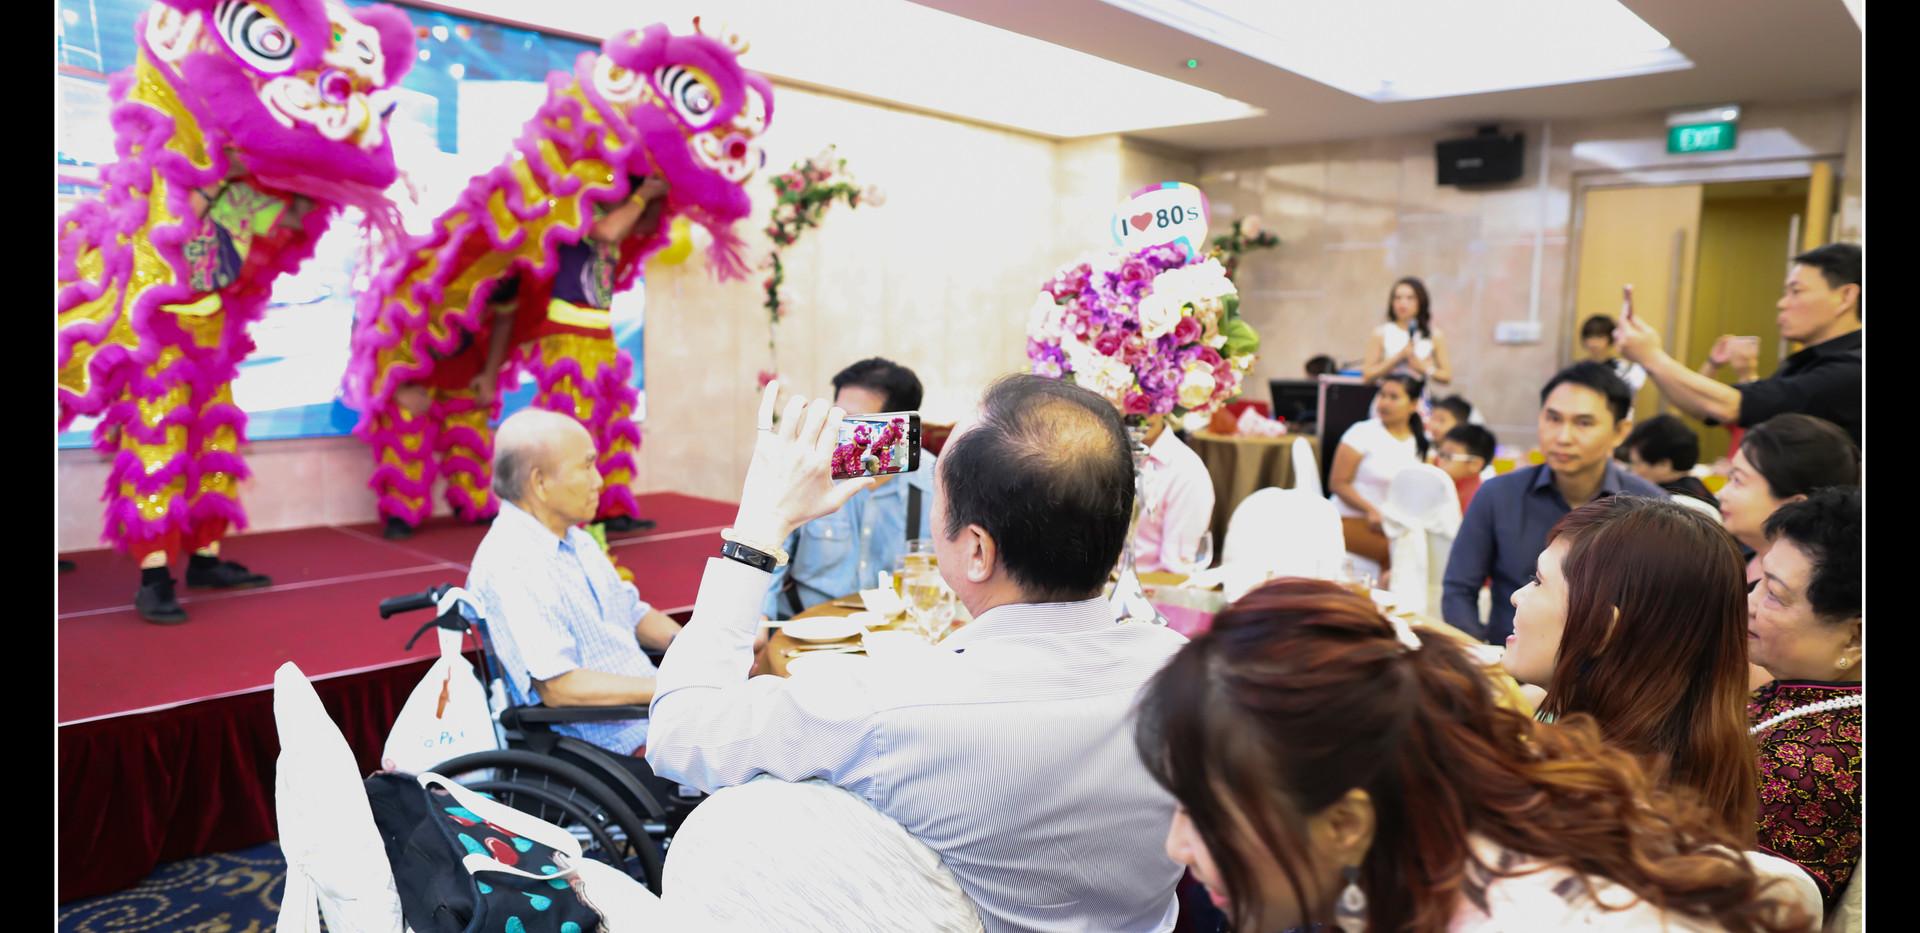 2019_Mdm Chiang 80th Birthday_6D2_0316.j